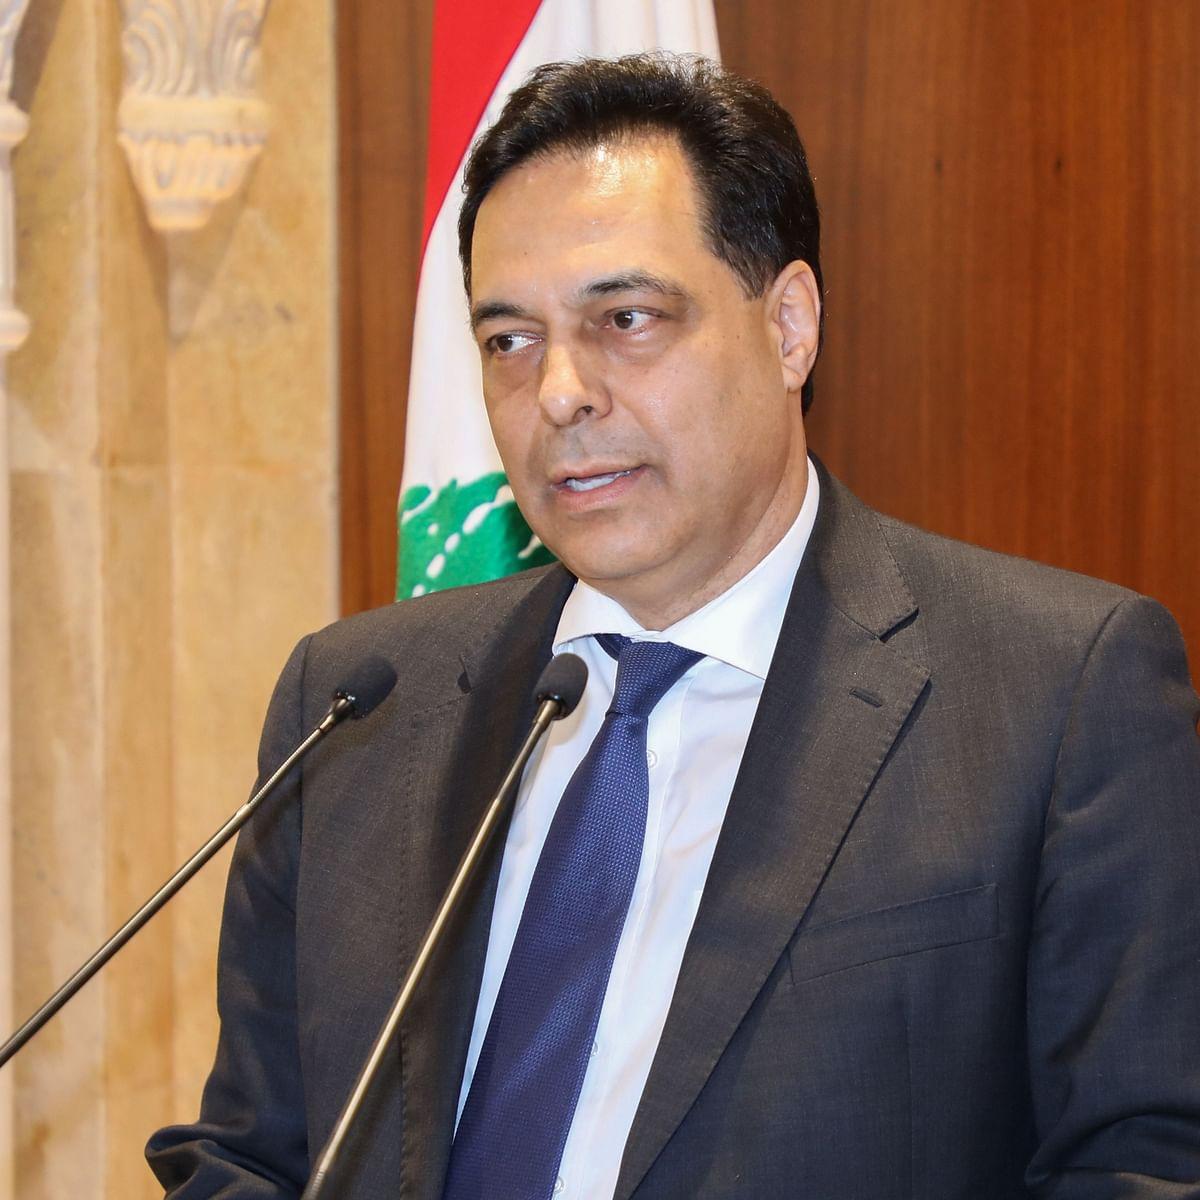 Lebanon's Prez names Hassan Diab new PM